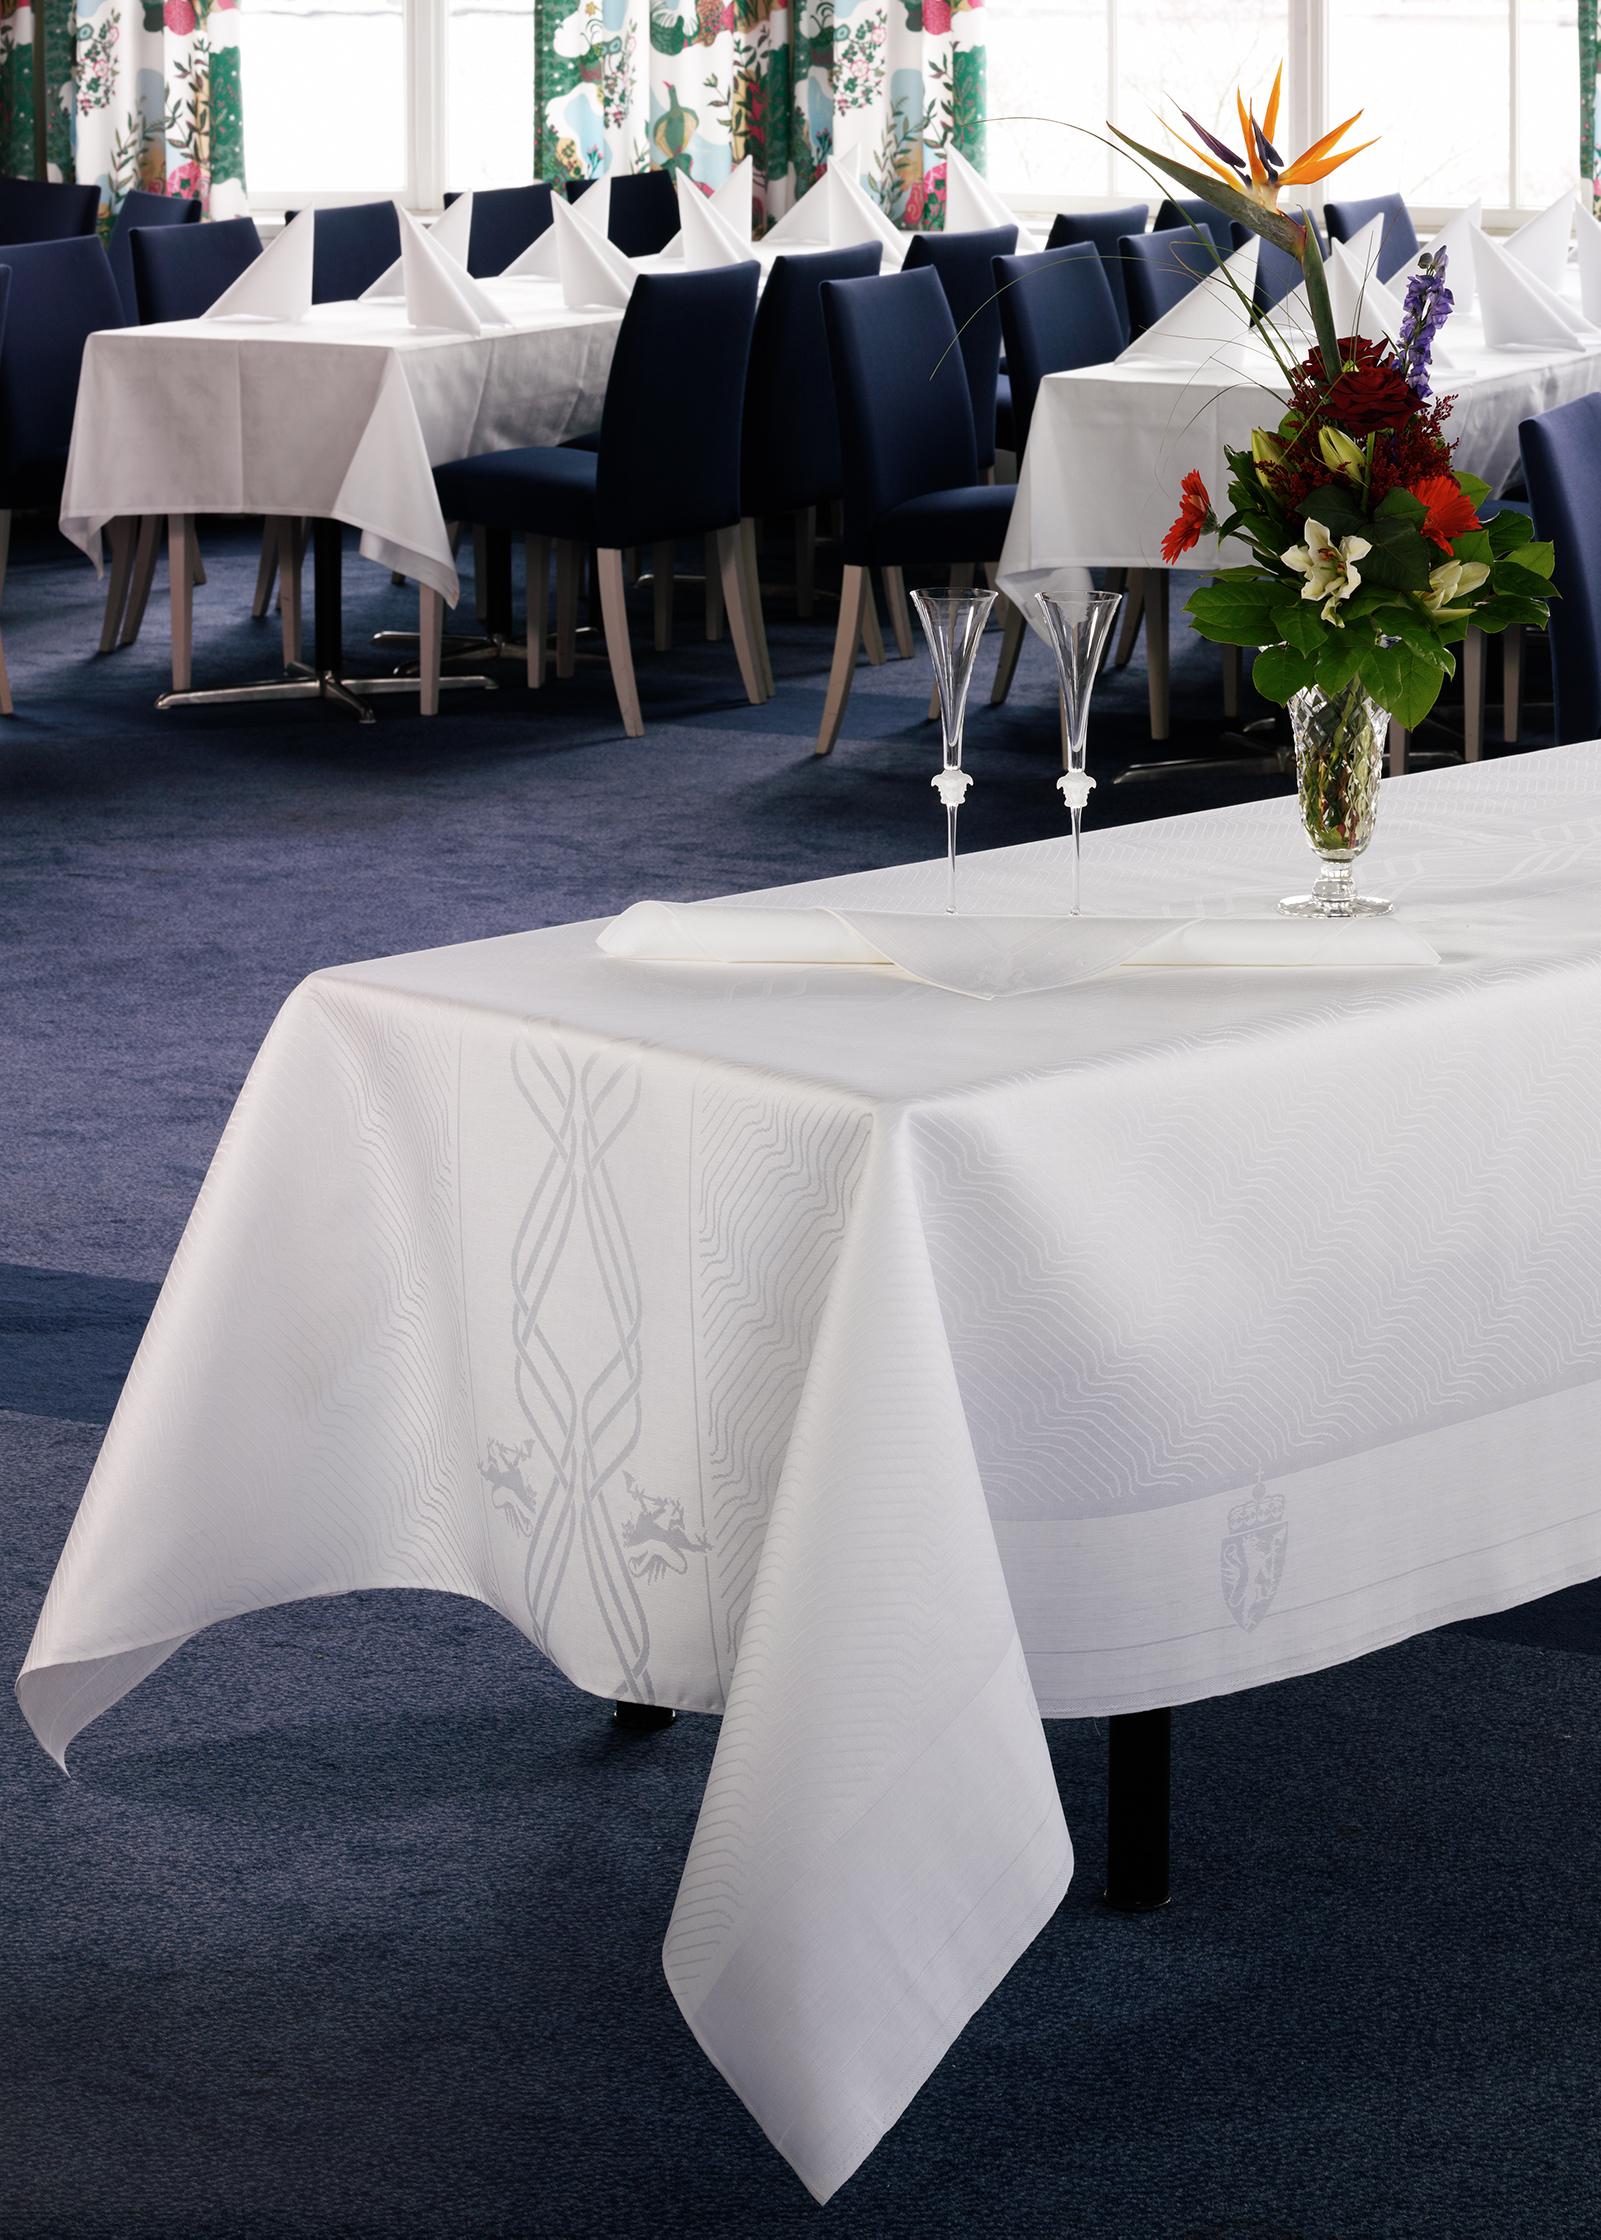 Det Konglige Utenriksdepartement Norges - Norwegische Botschaft. Design Ingela Bengtsson